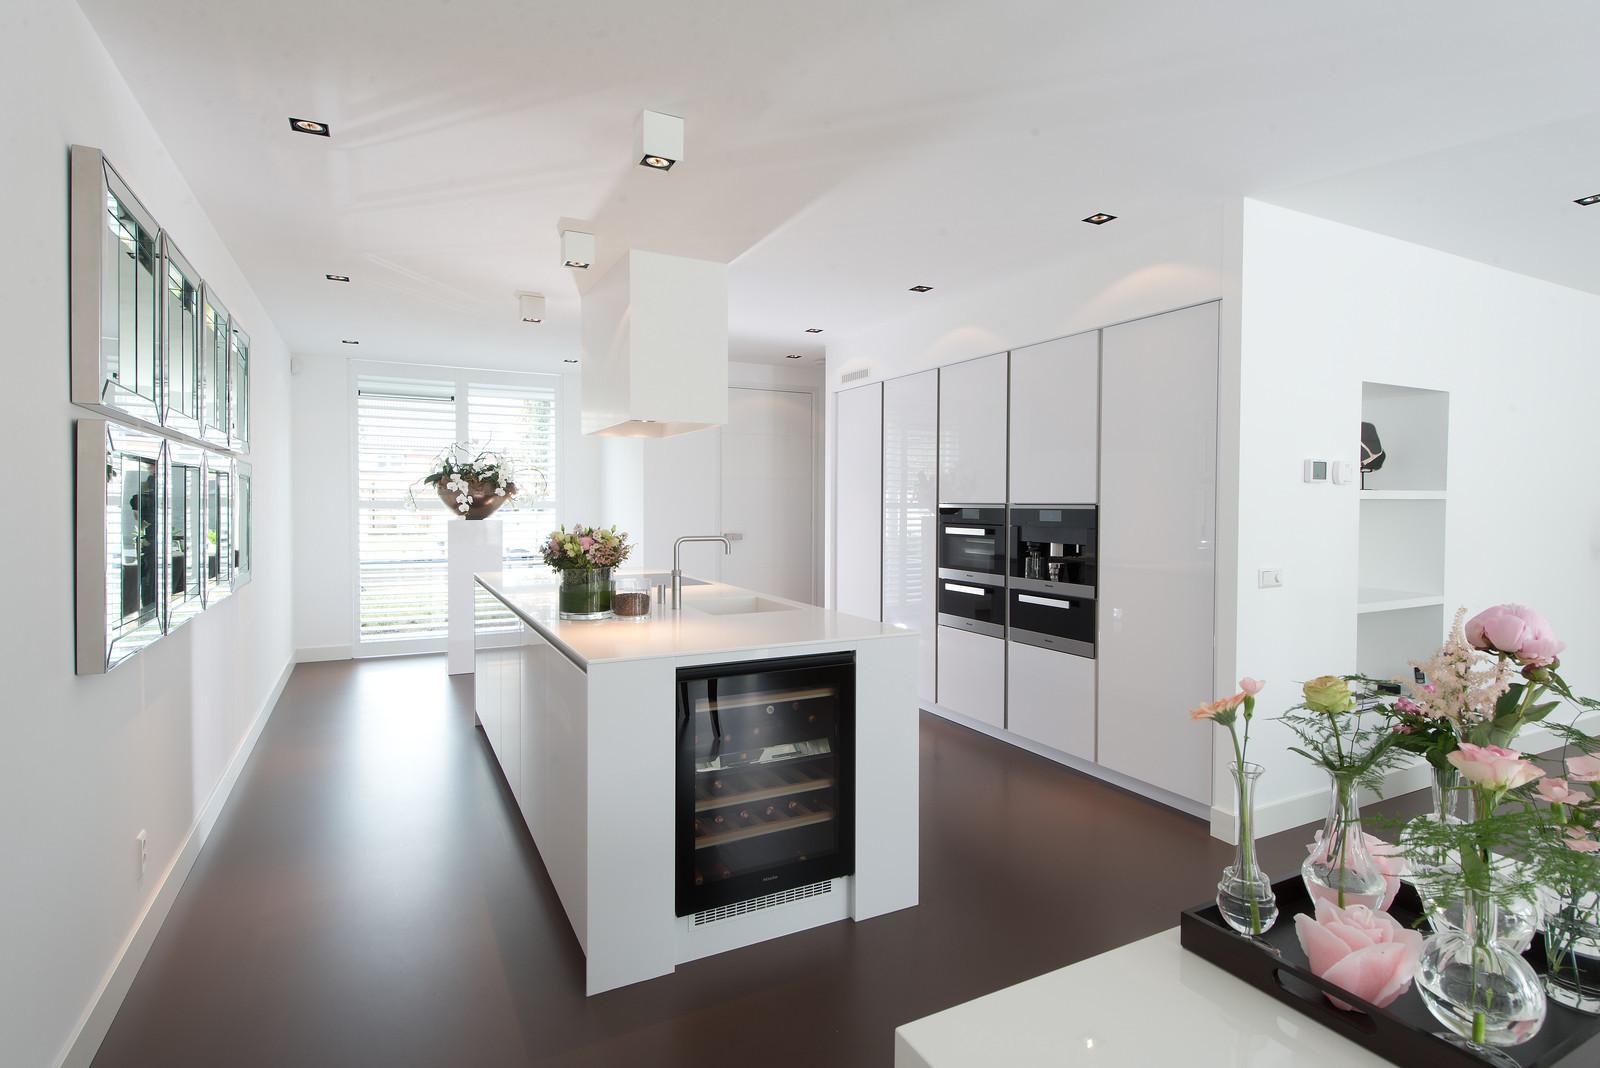 Smalle Keuken Ideeen.Witte Keuken Voorbeelden Ideeen Uw Keuken Nl